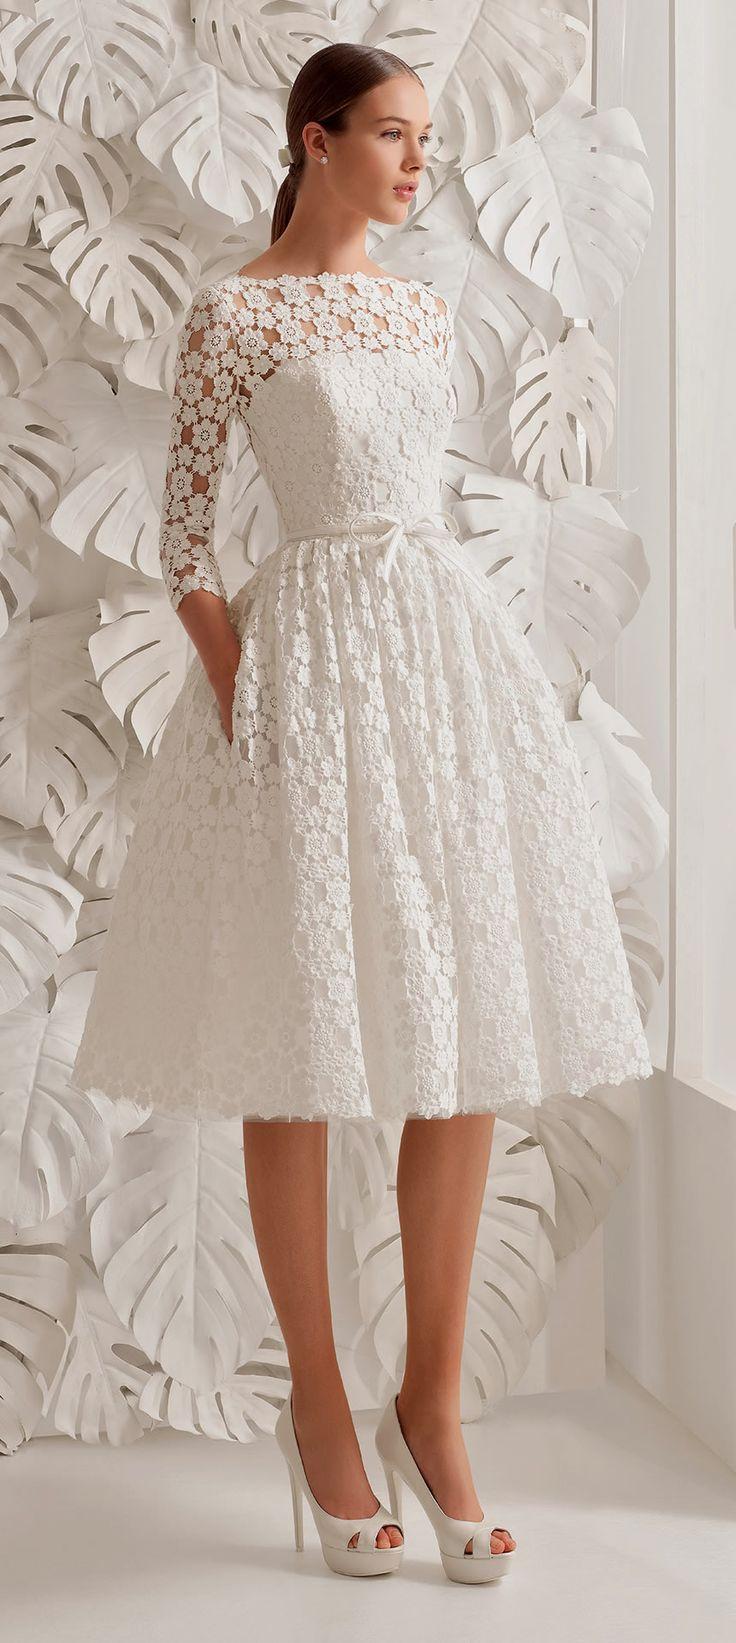 short wedding dresses courthouse wedding dresses rosa clara short wedding dress